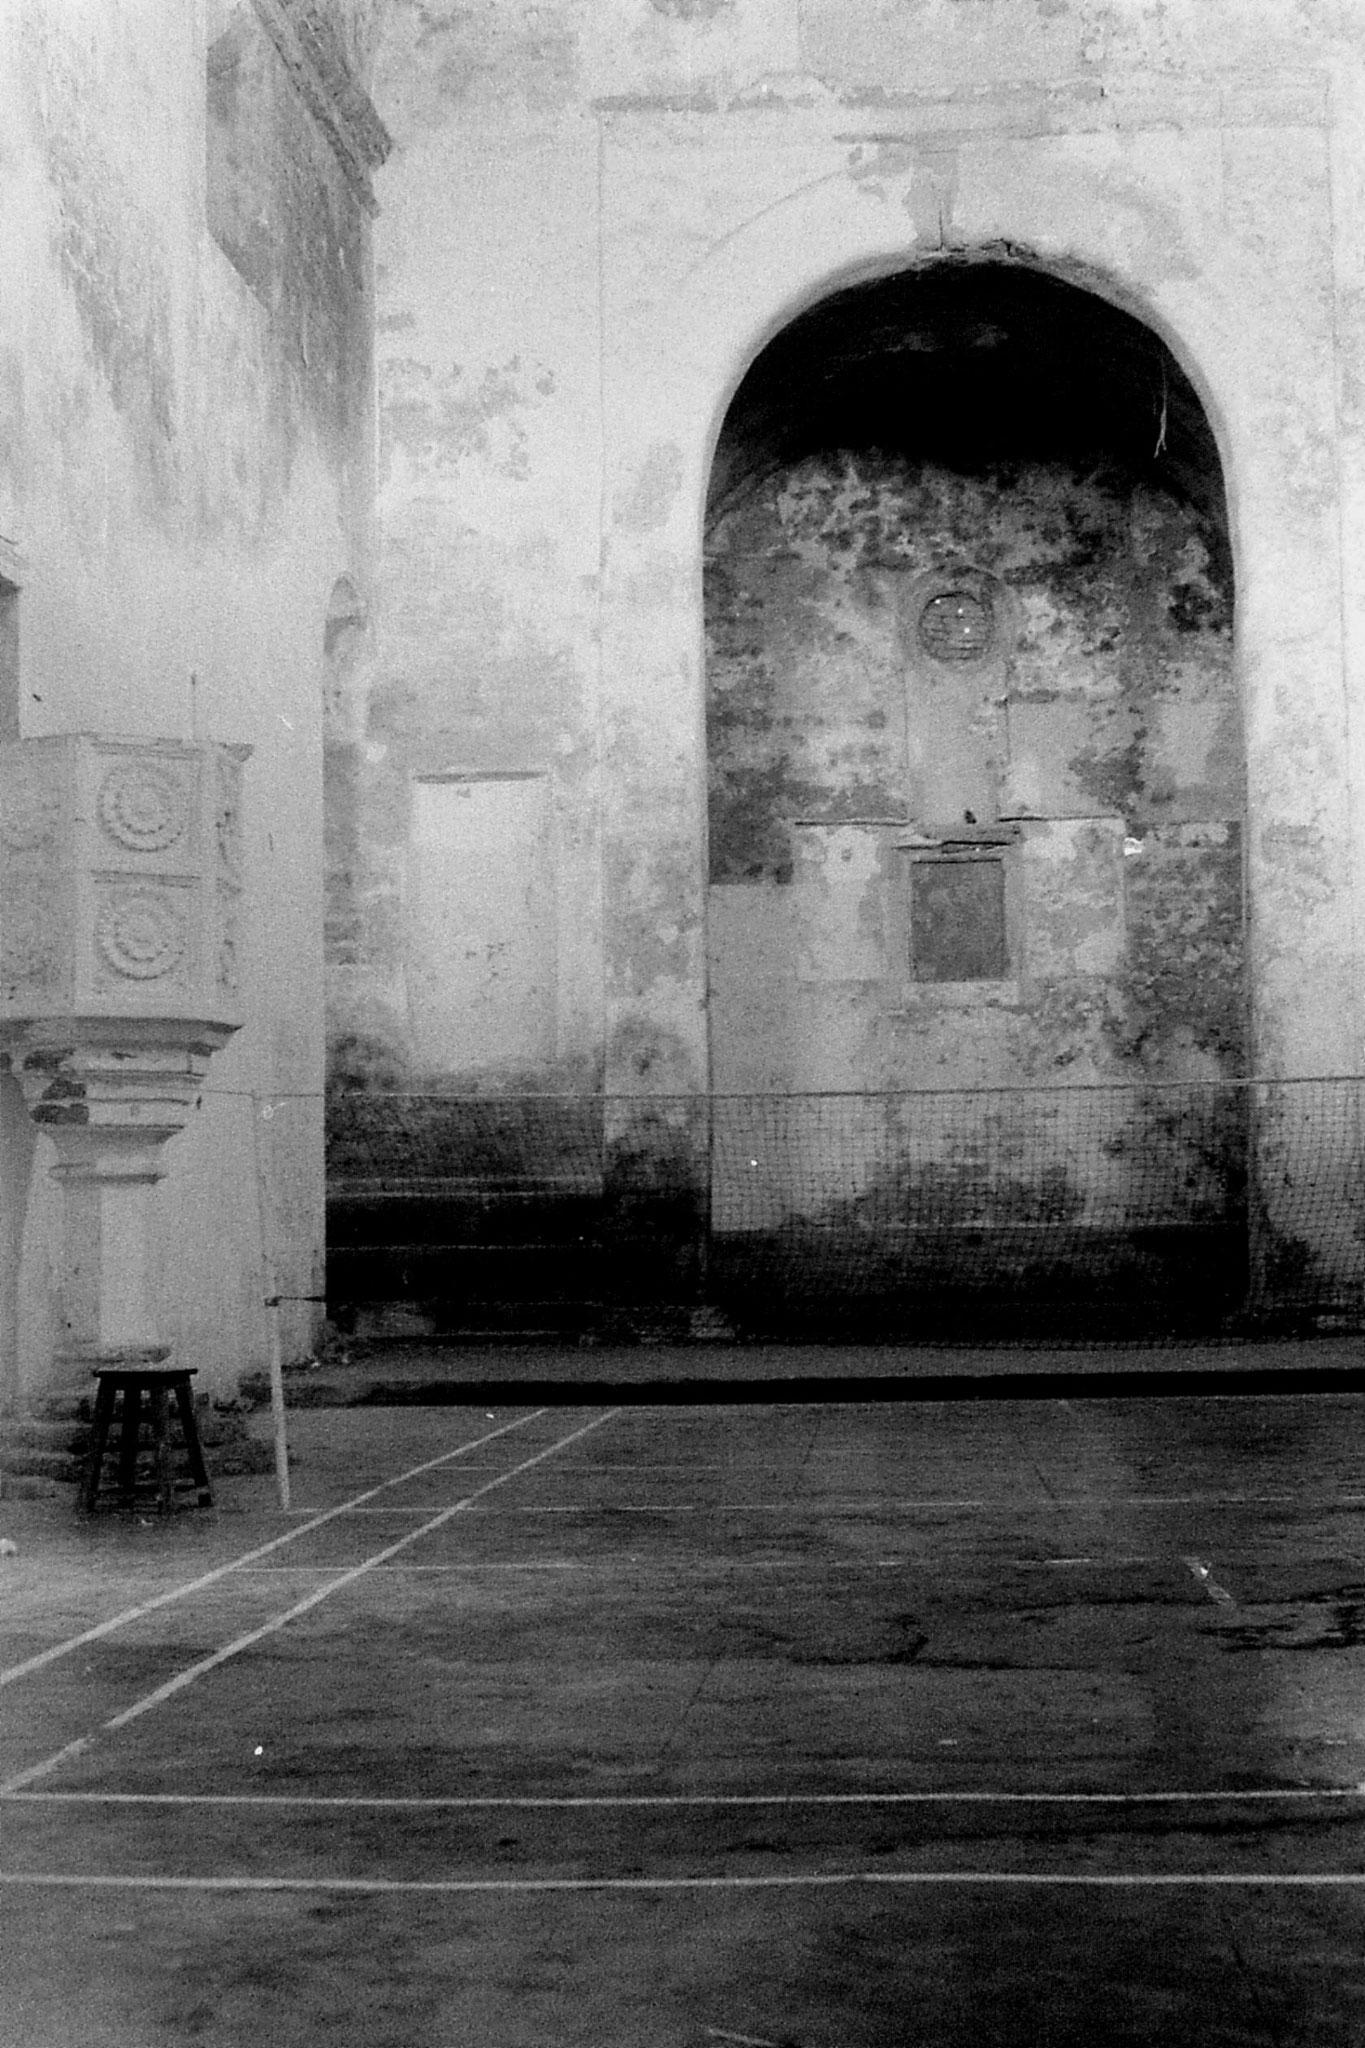 16/12/89: 13: Diu:  church interior as badminton court